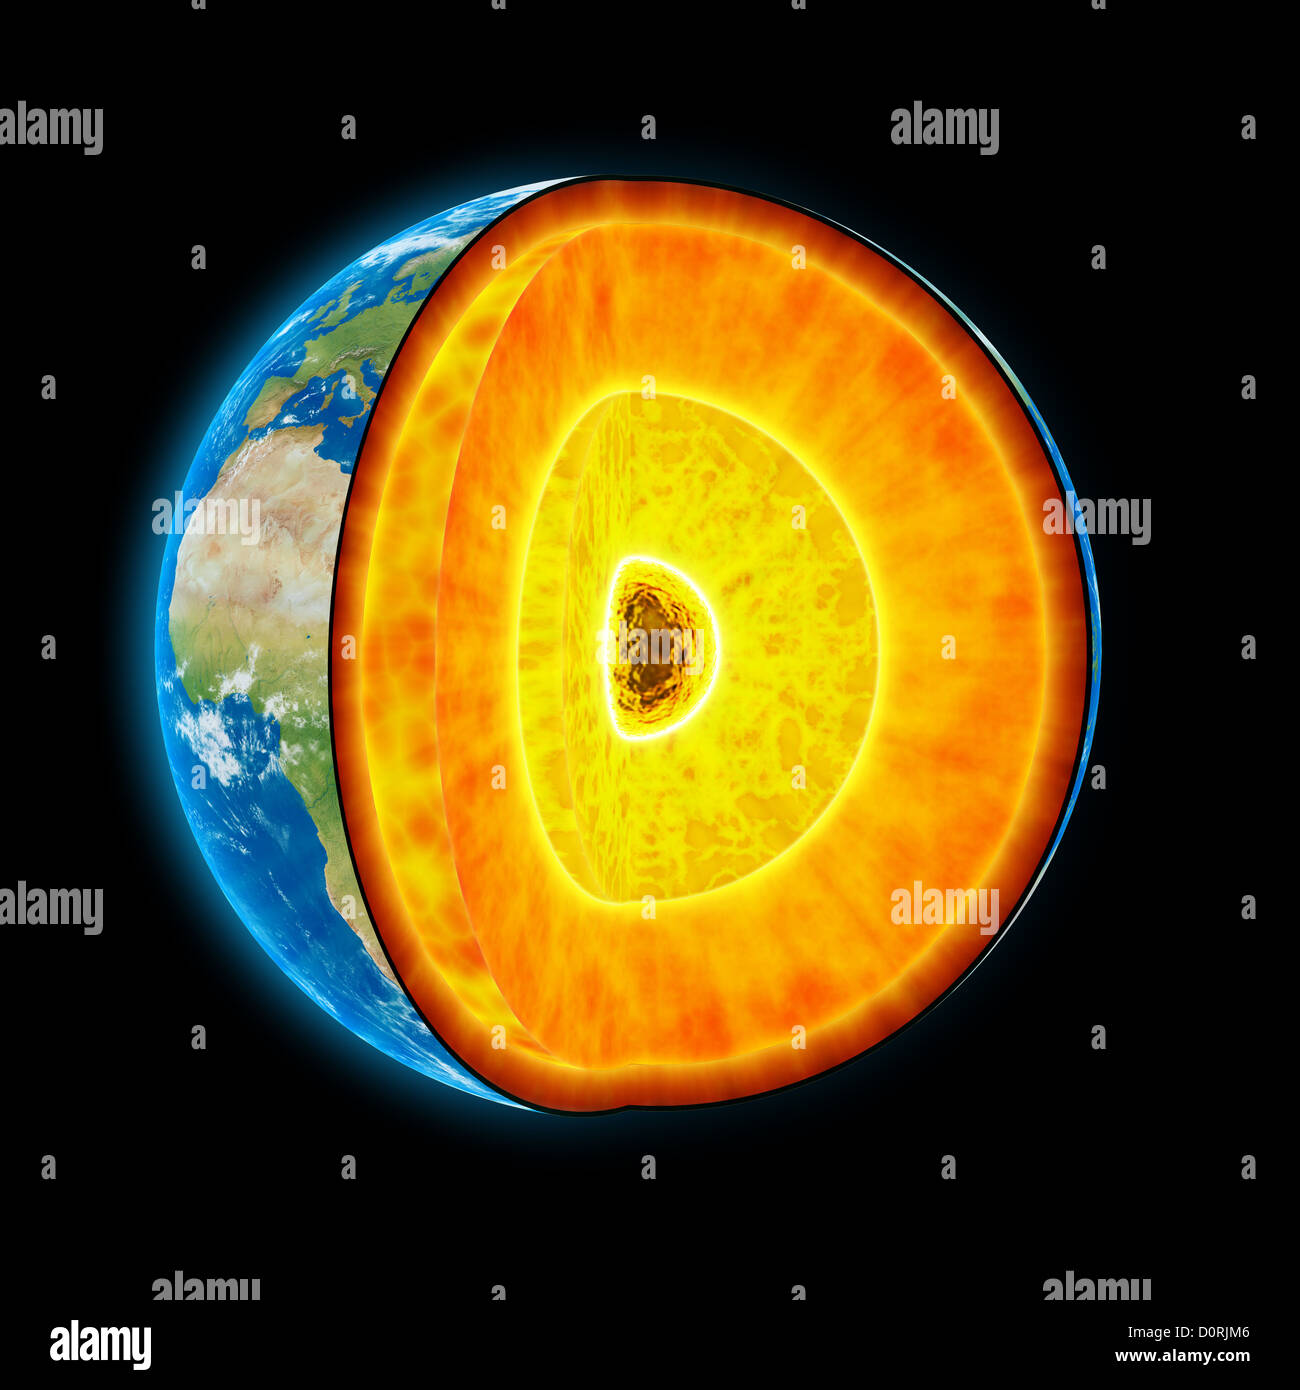 Earth cut-away - Stock Image